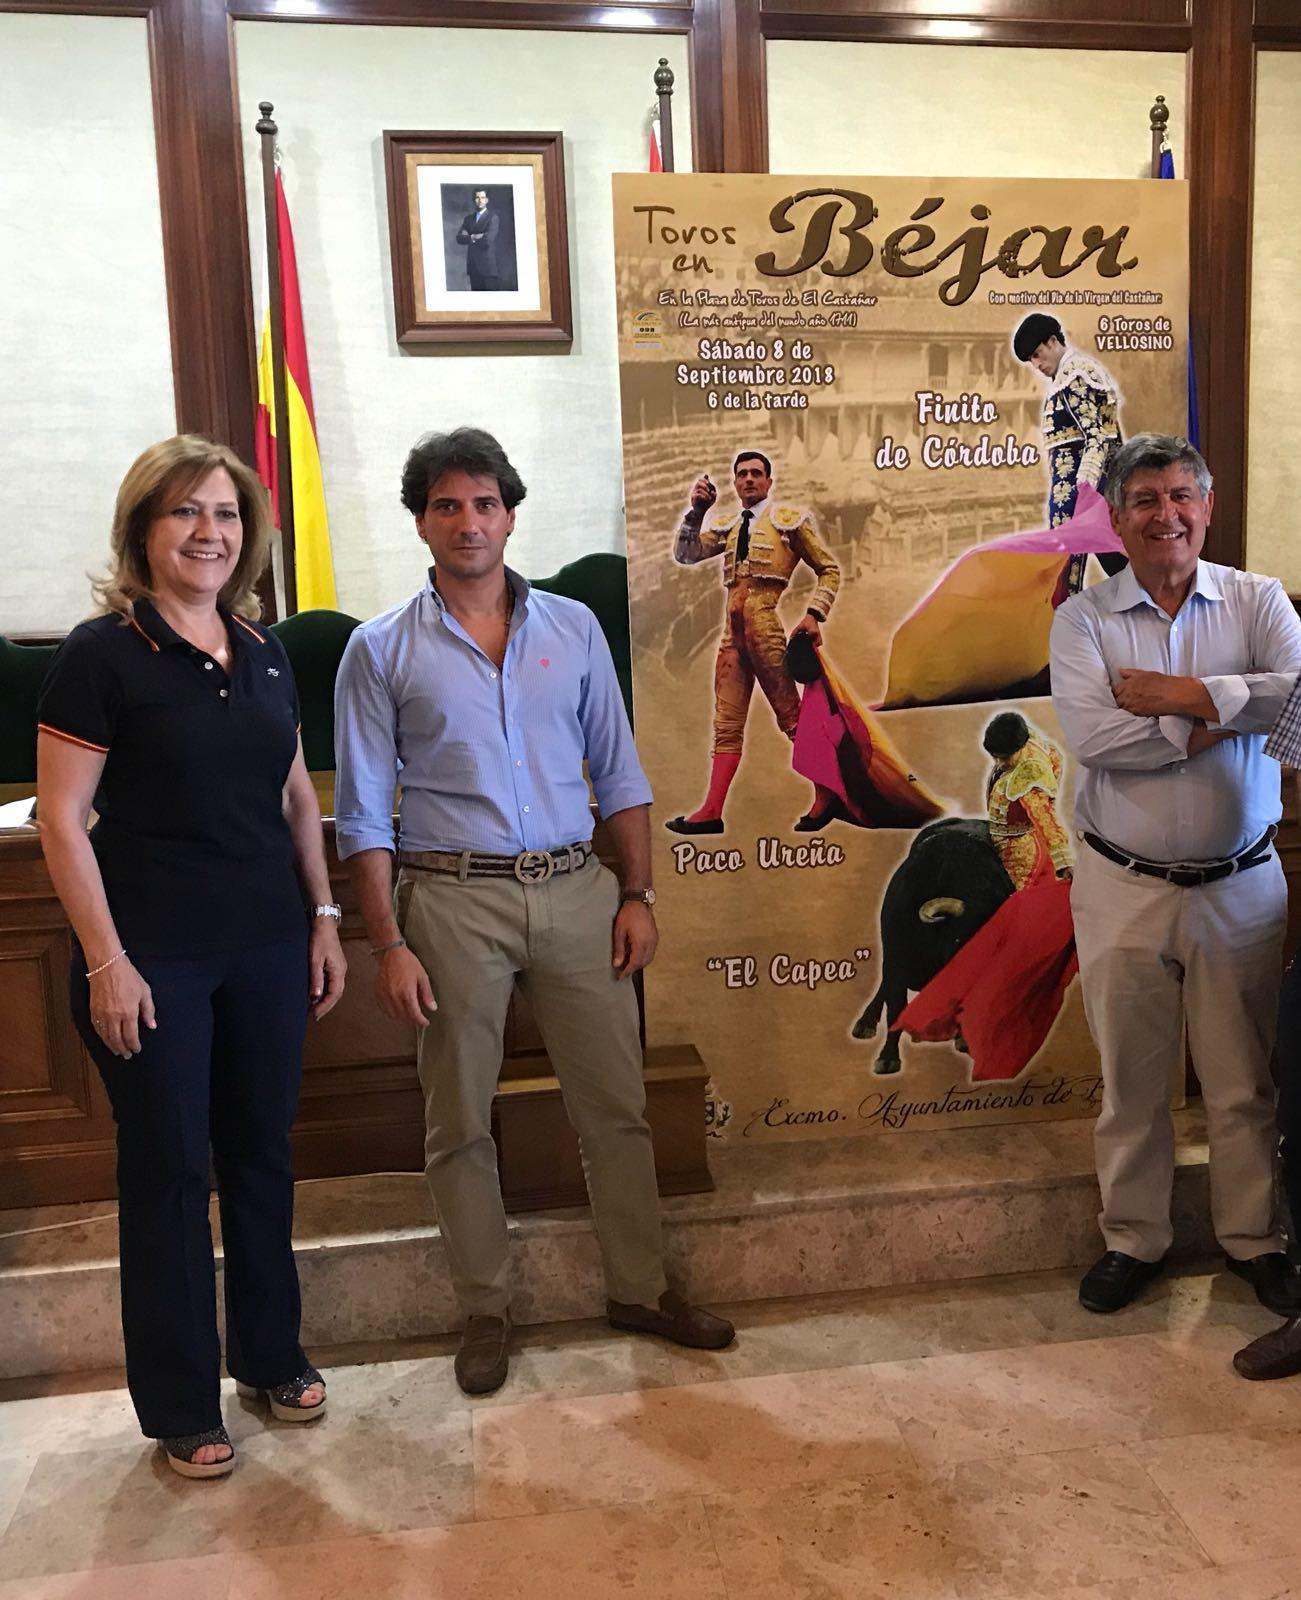 Finito de Córdoba, Paco Ureña y El Capea, en 'La Ancianita' de Béjar